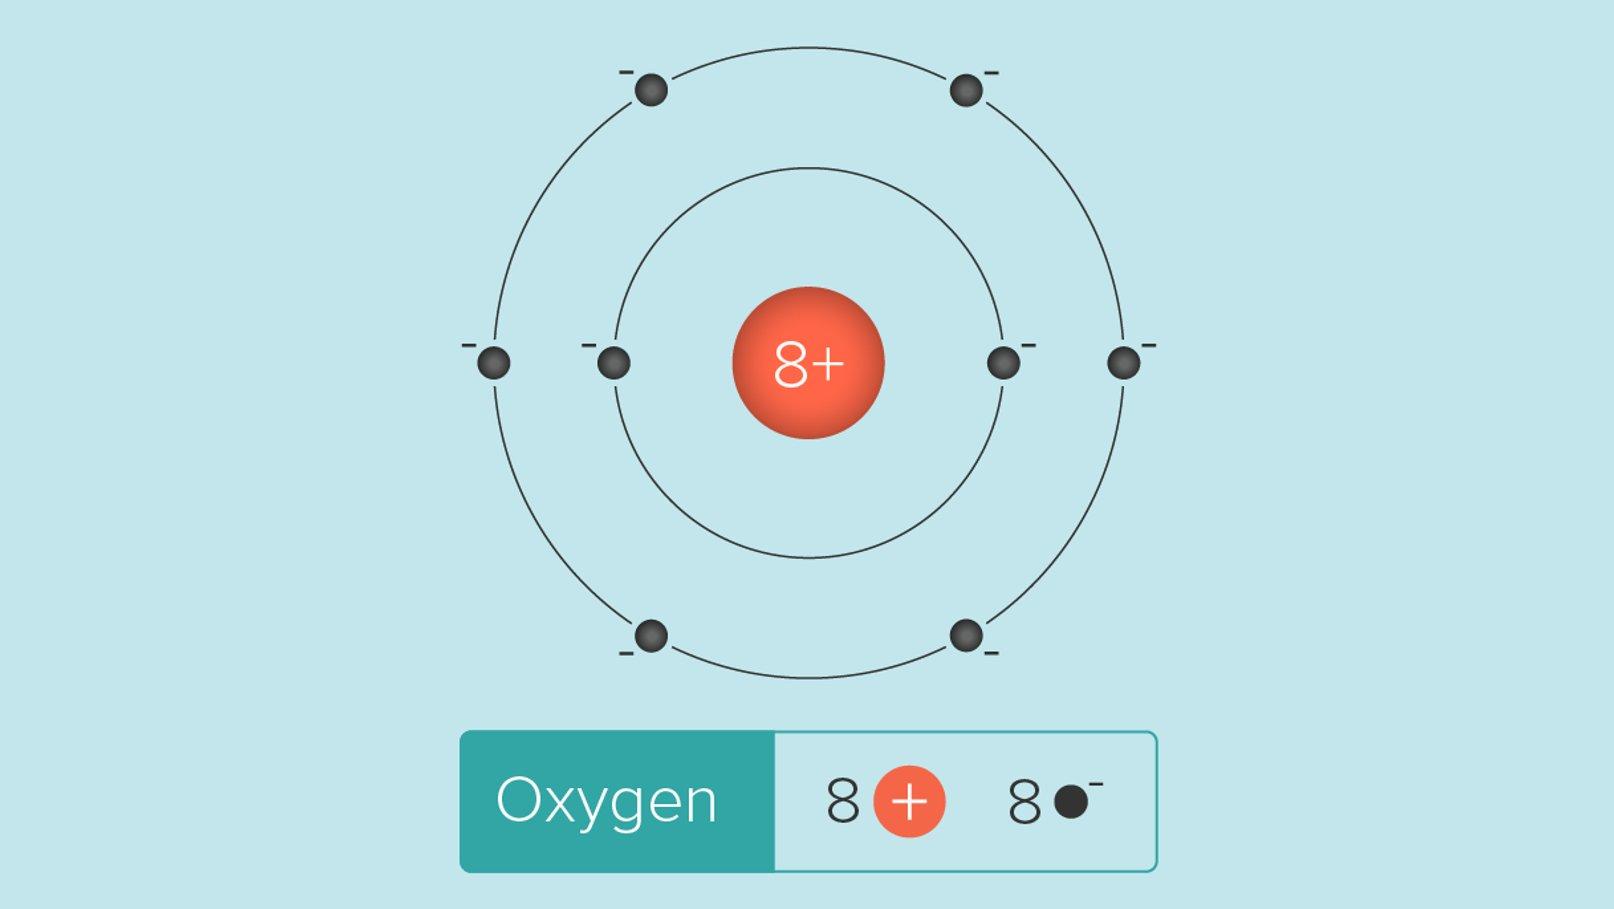 Et oxygenatom